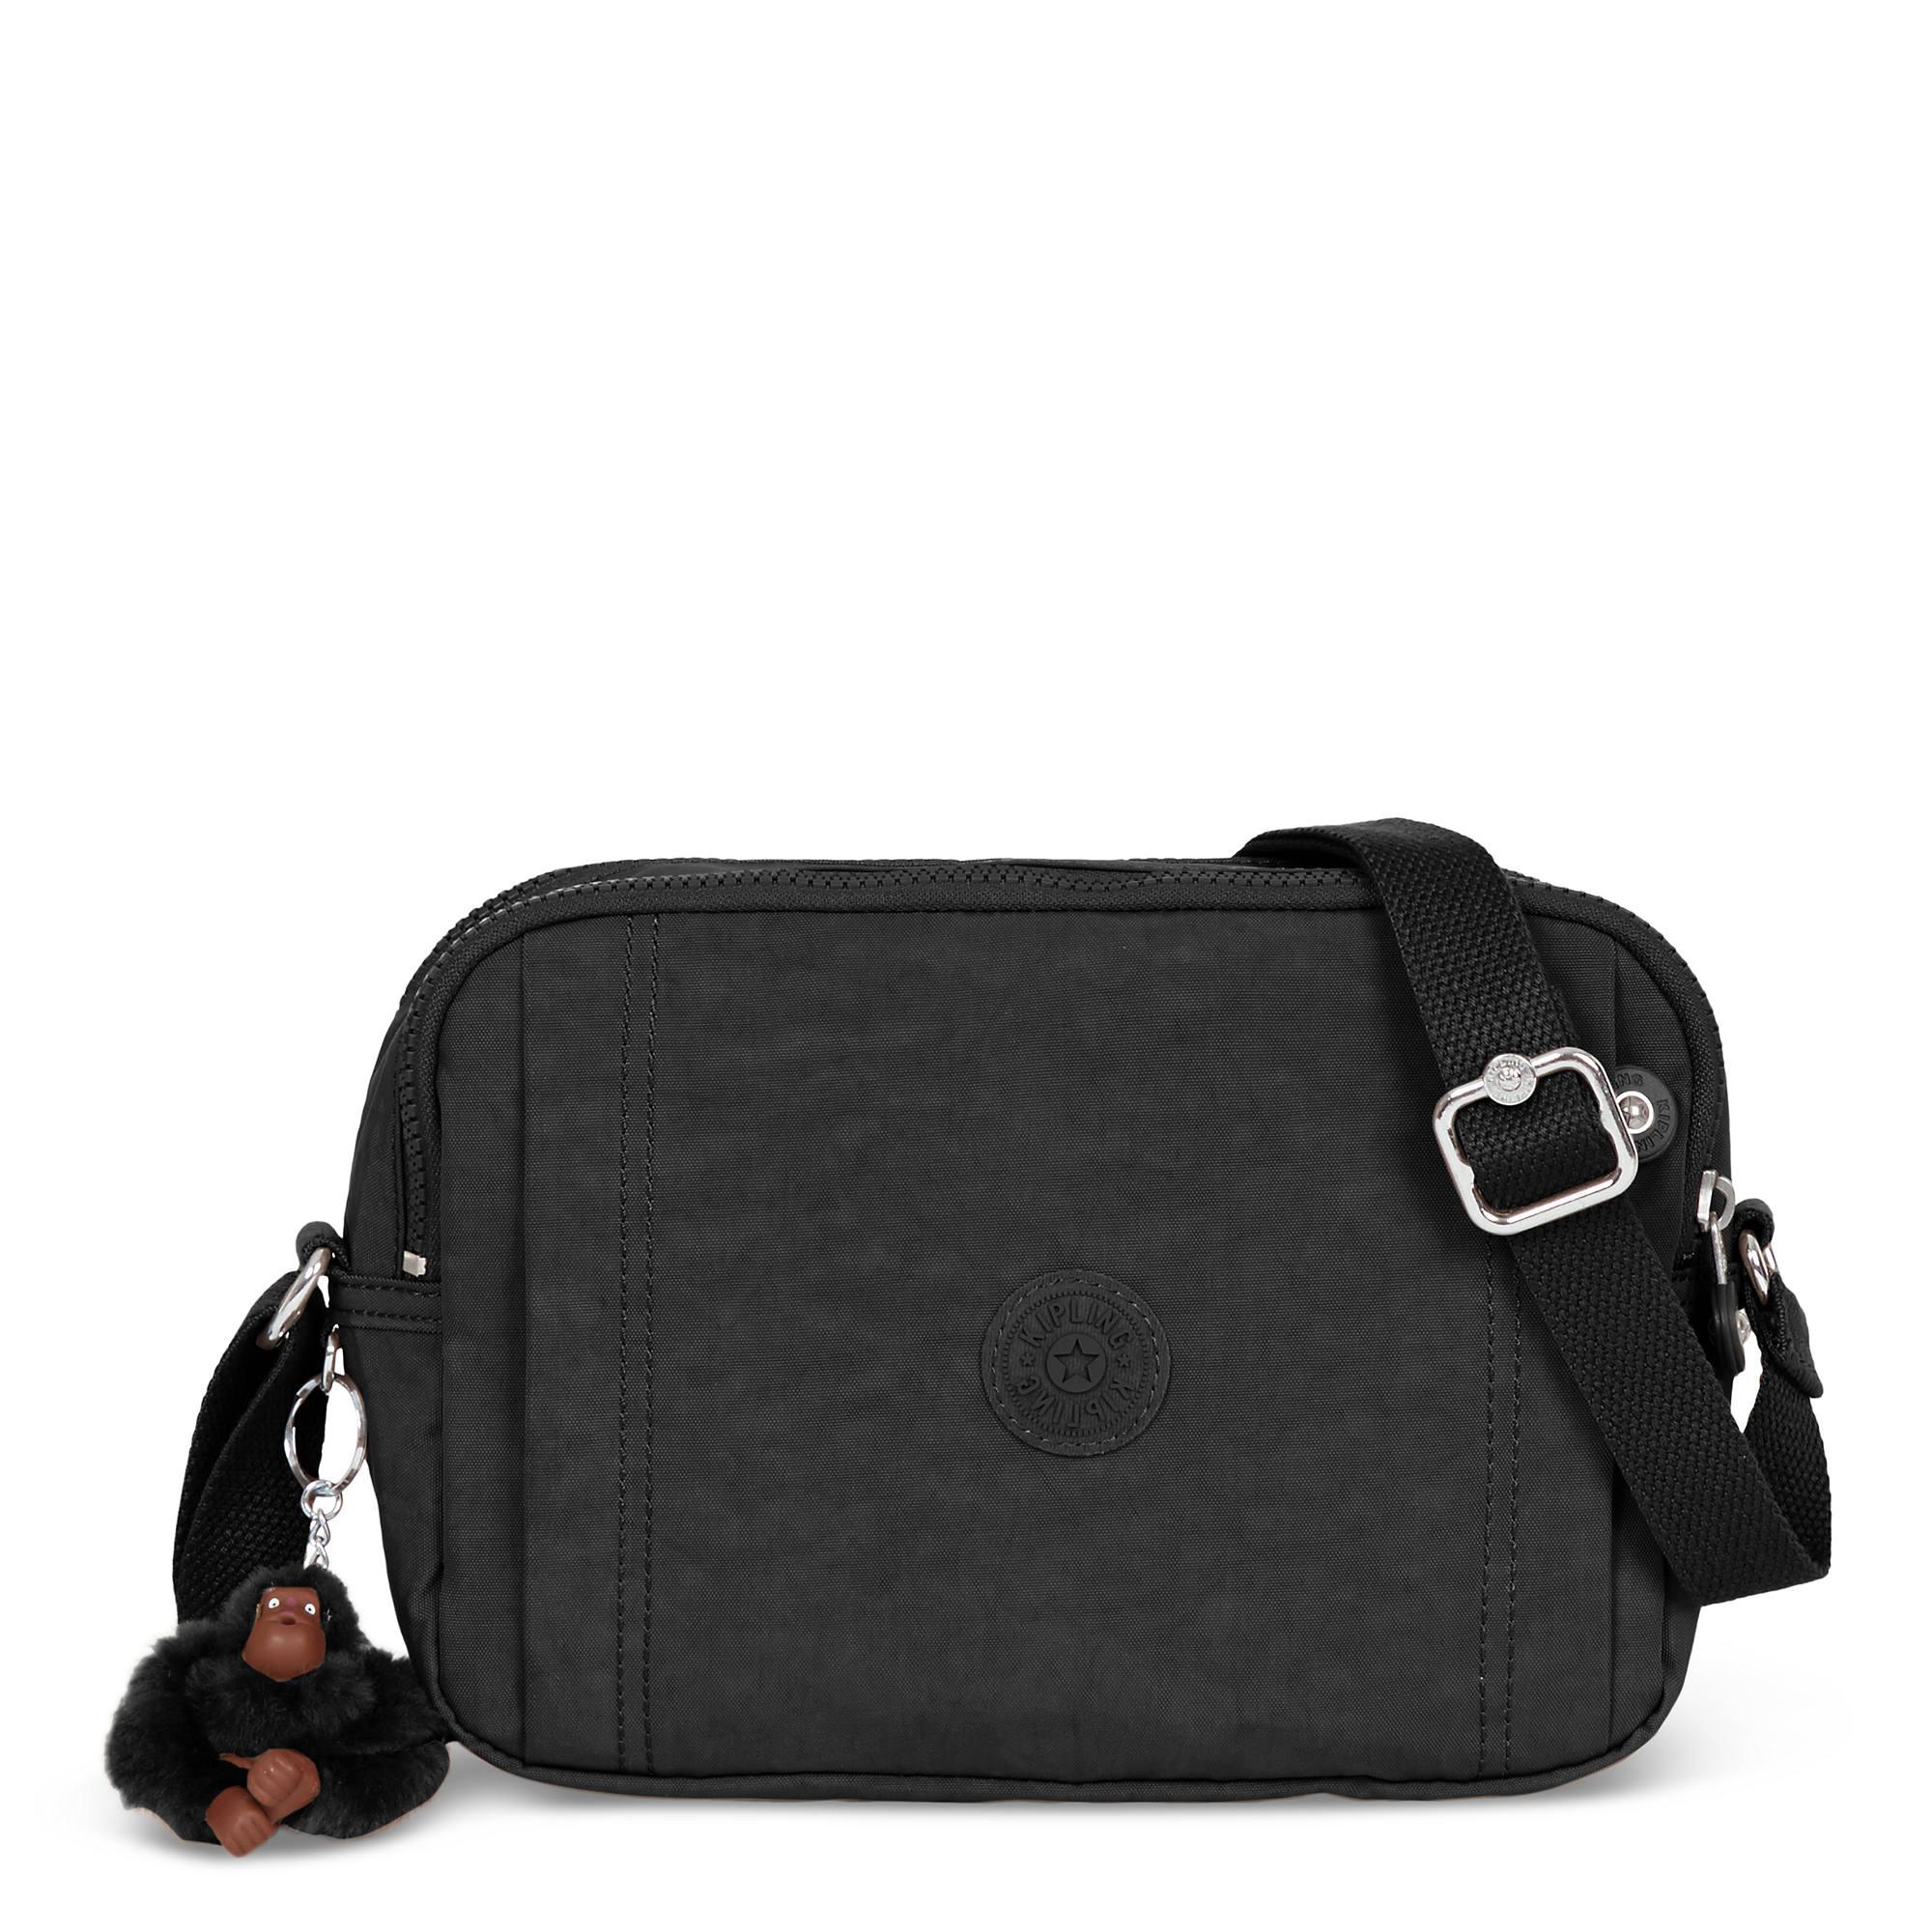 642508e58aa Benci Handbag | Kipling